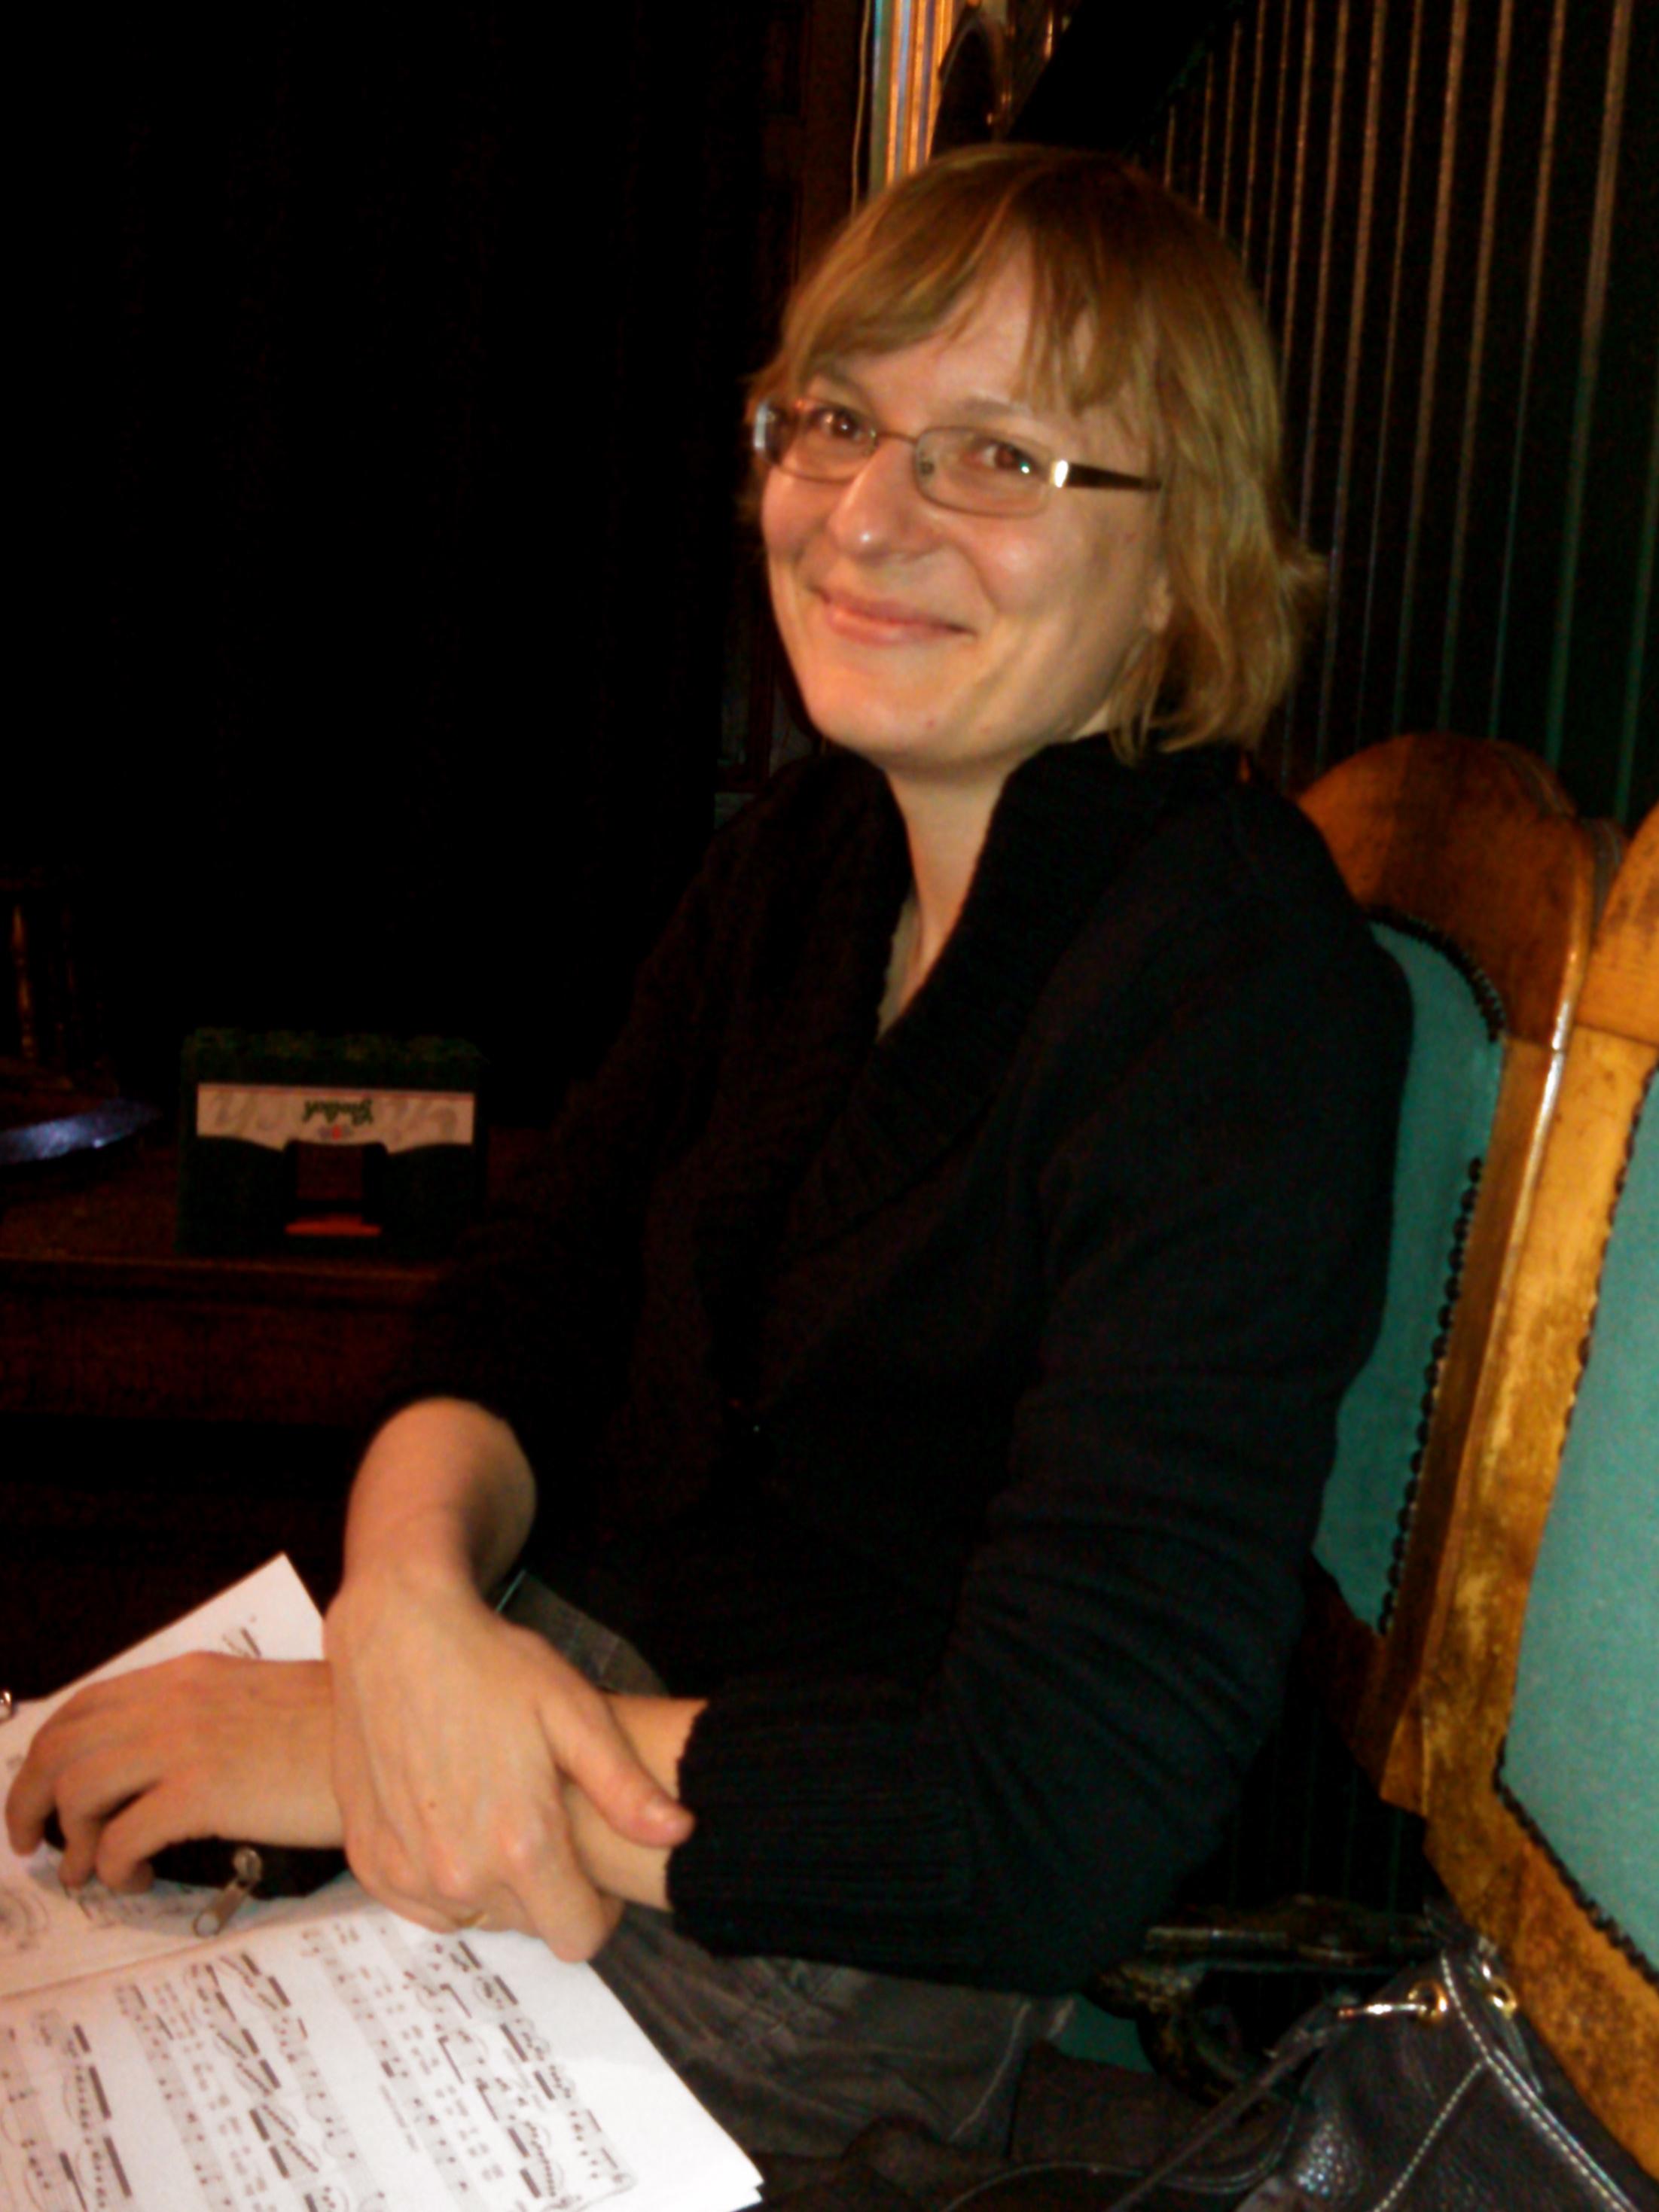 Katarzyna at rehearsal at the King's Head Theatre, London.